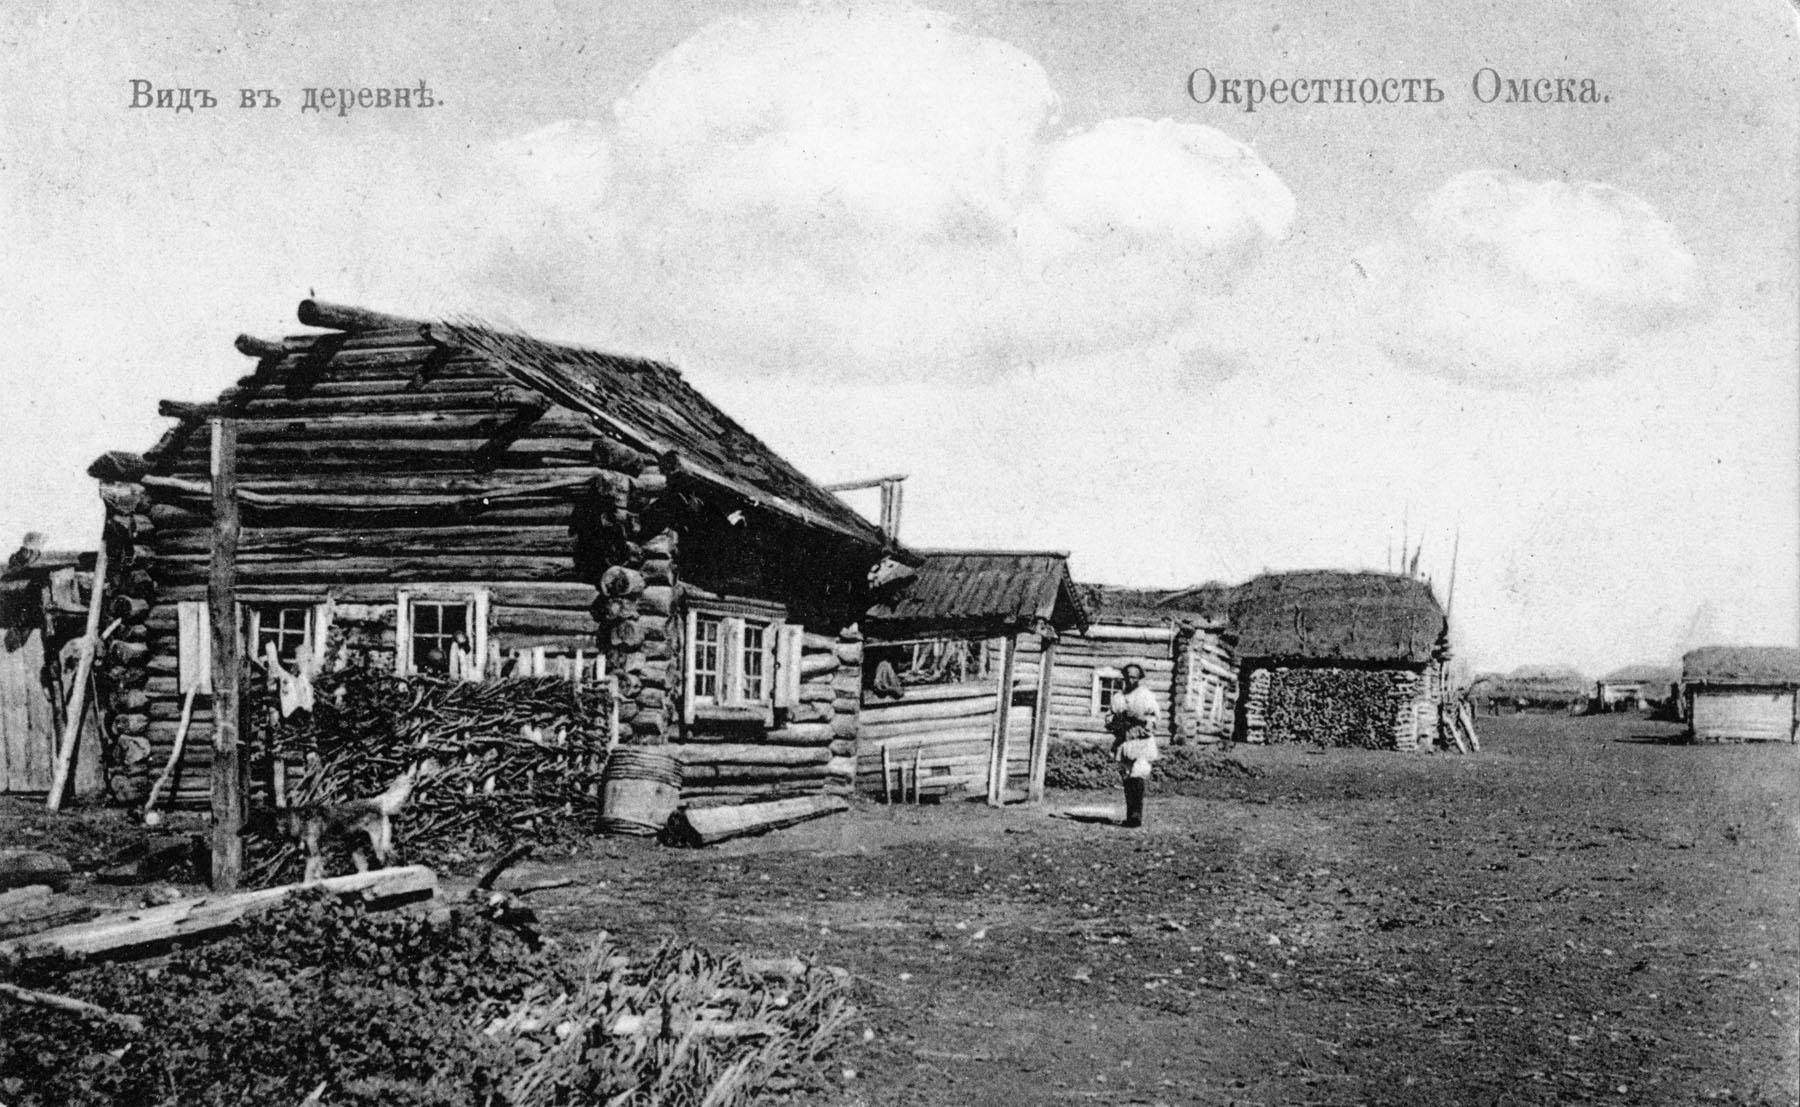 Окрестности Омска. Вид в деревне.